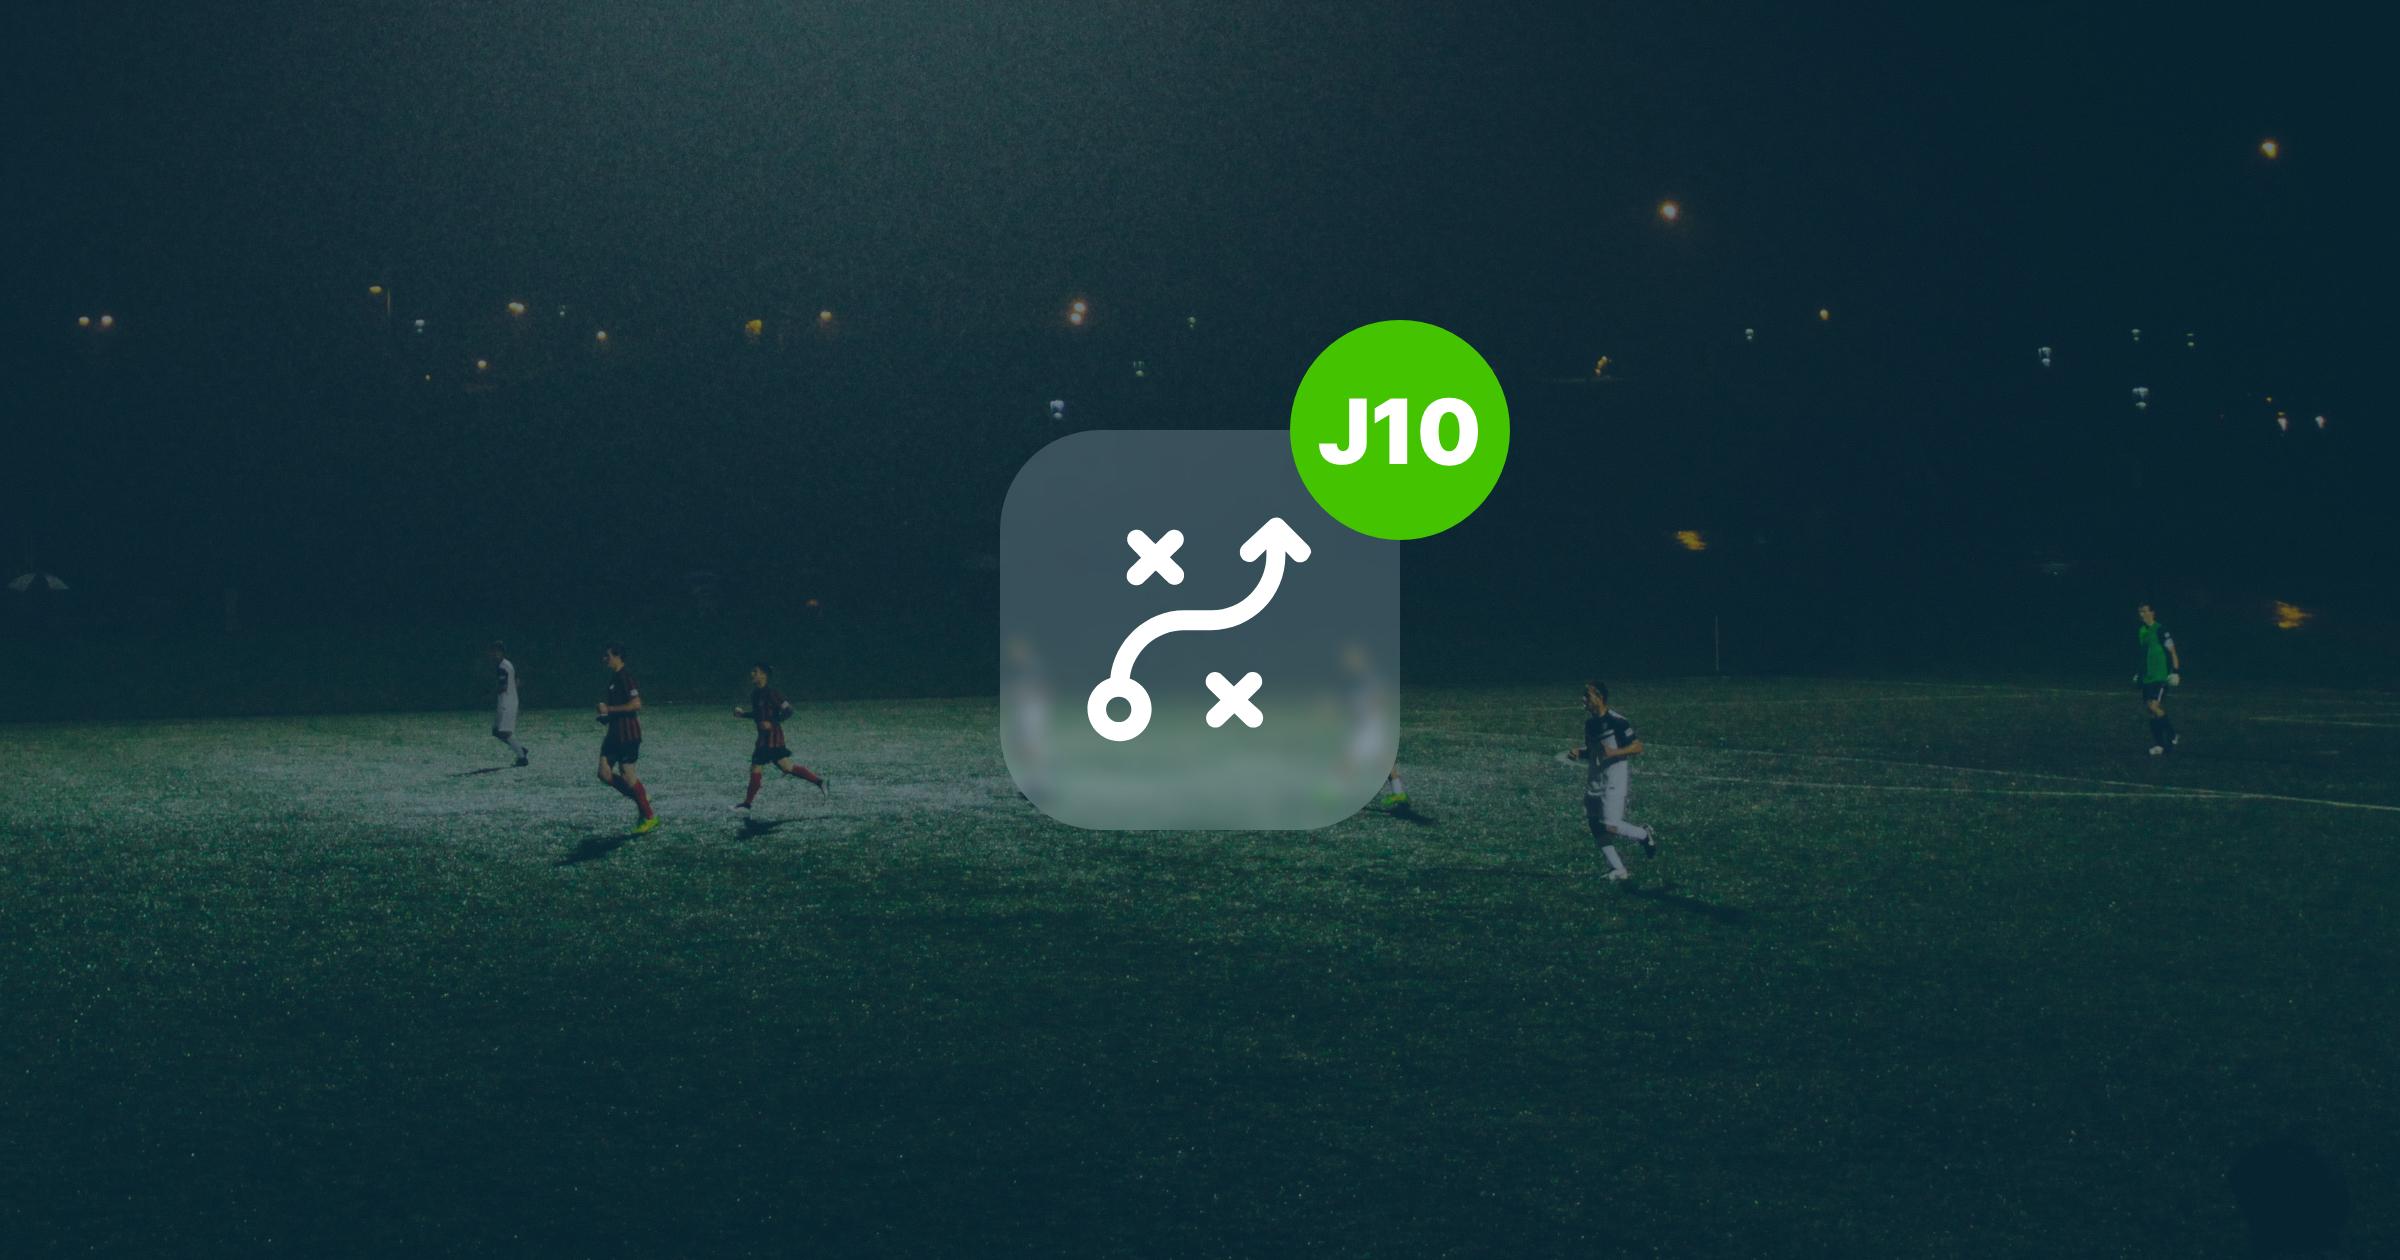 Les joueurs à suivre pour la J10